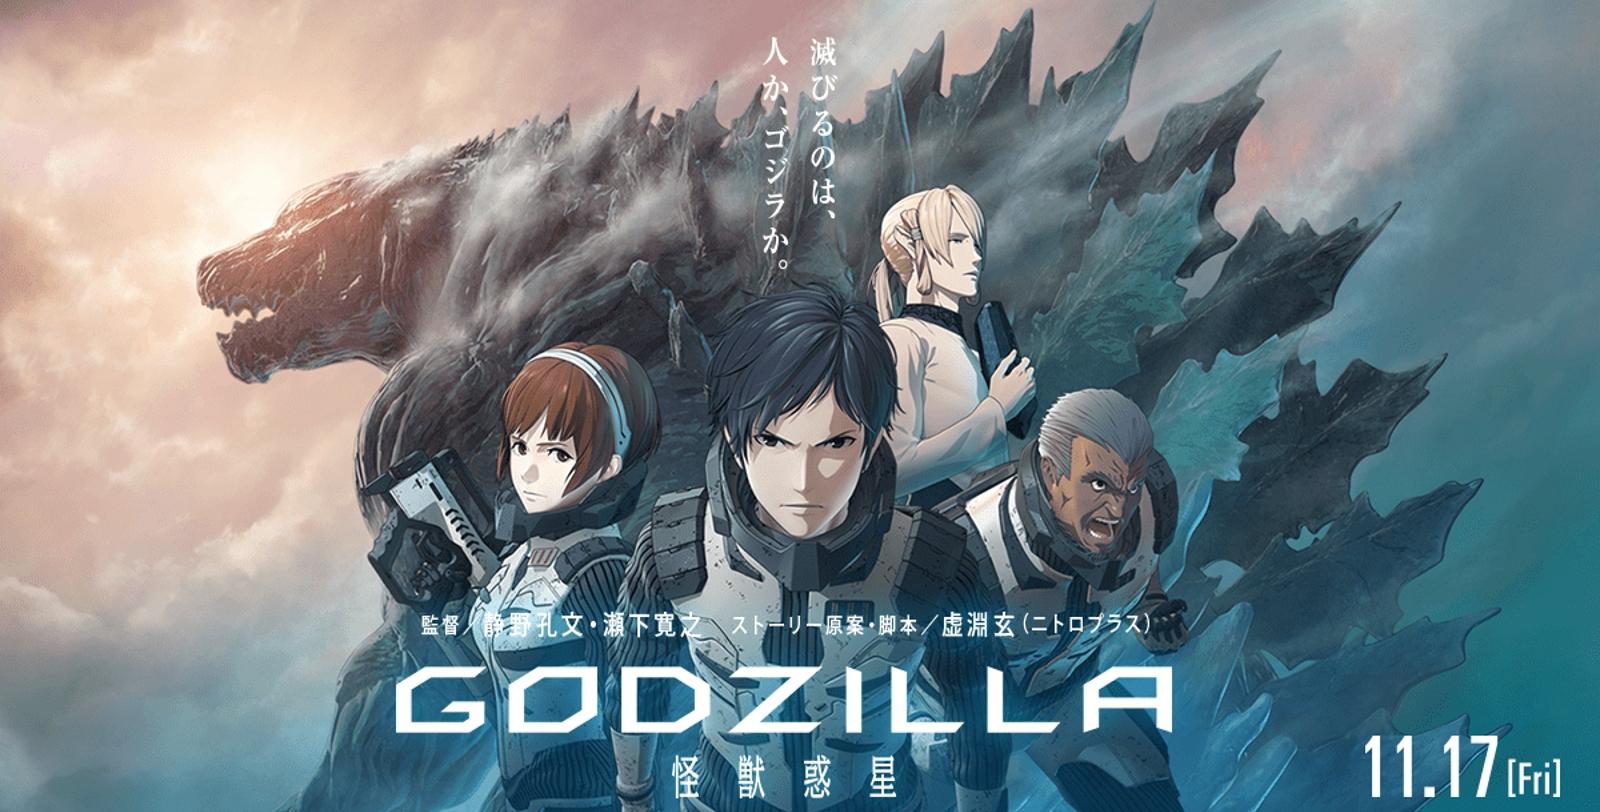 Godzilla İlk Defa Anime Olarak Karşımızda